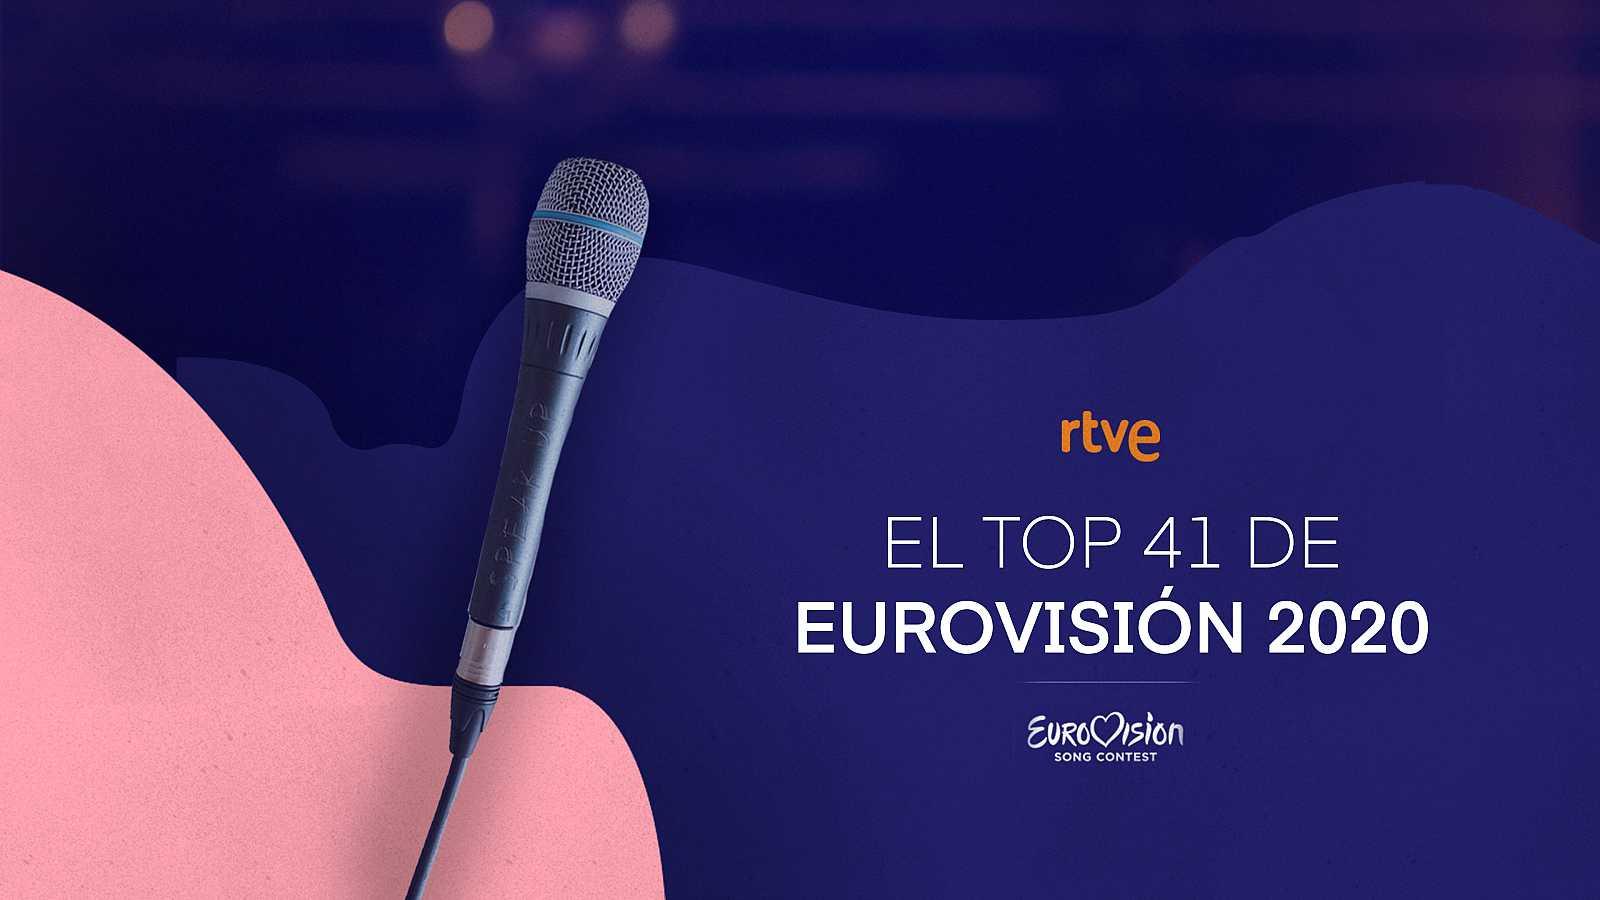 Vota por tus canciones favoritas con el hastag #Top3EurovisiónRTVE